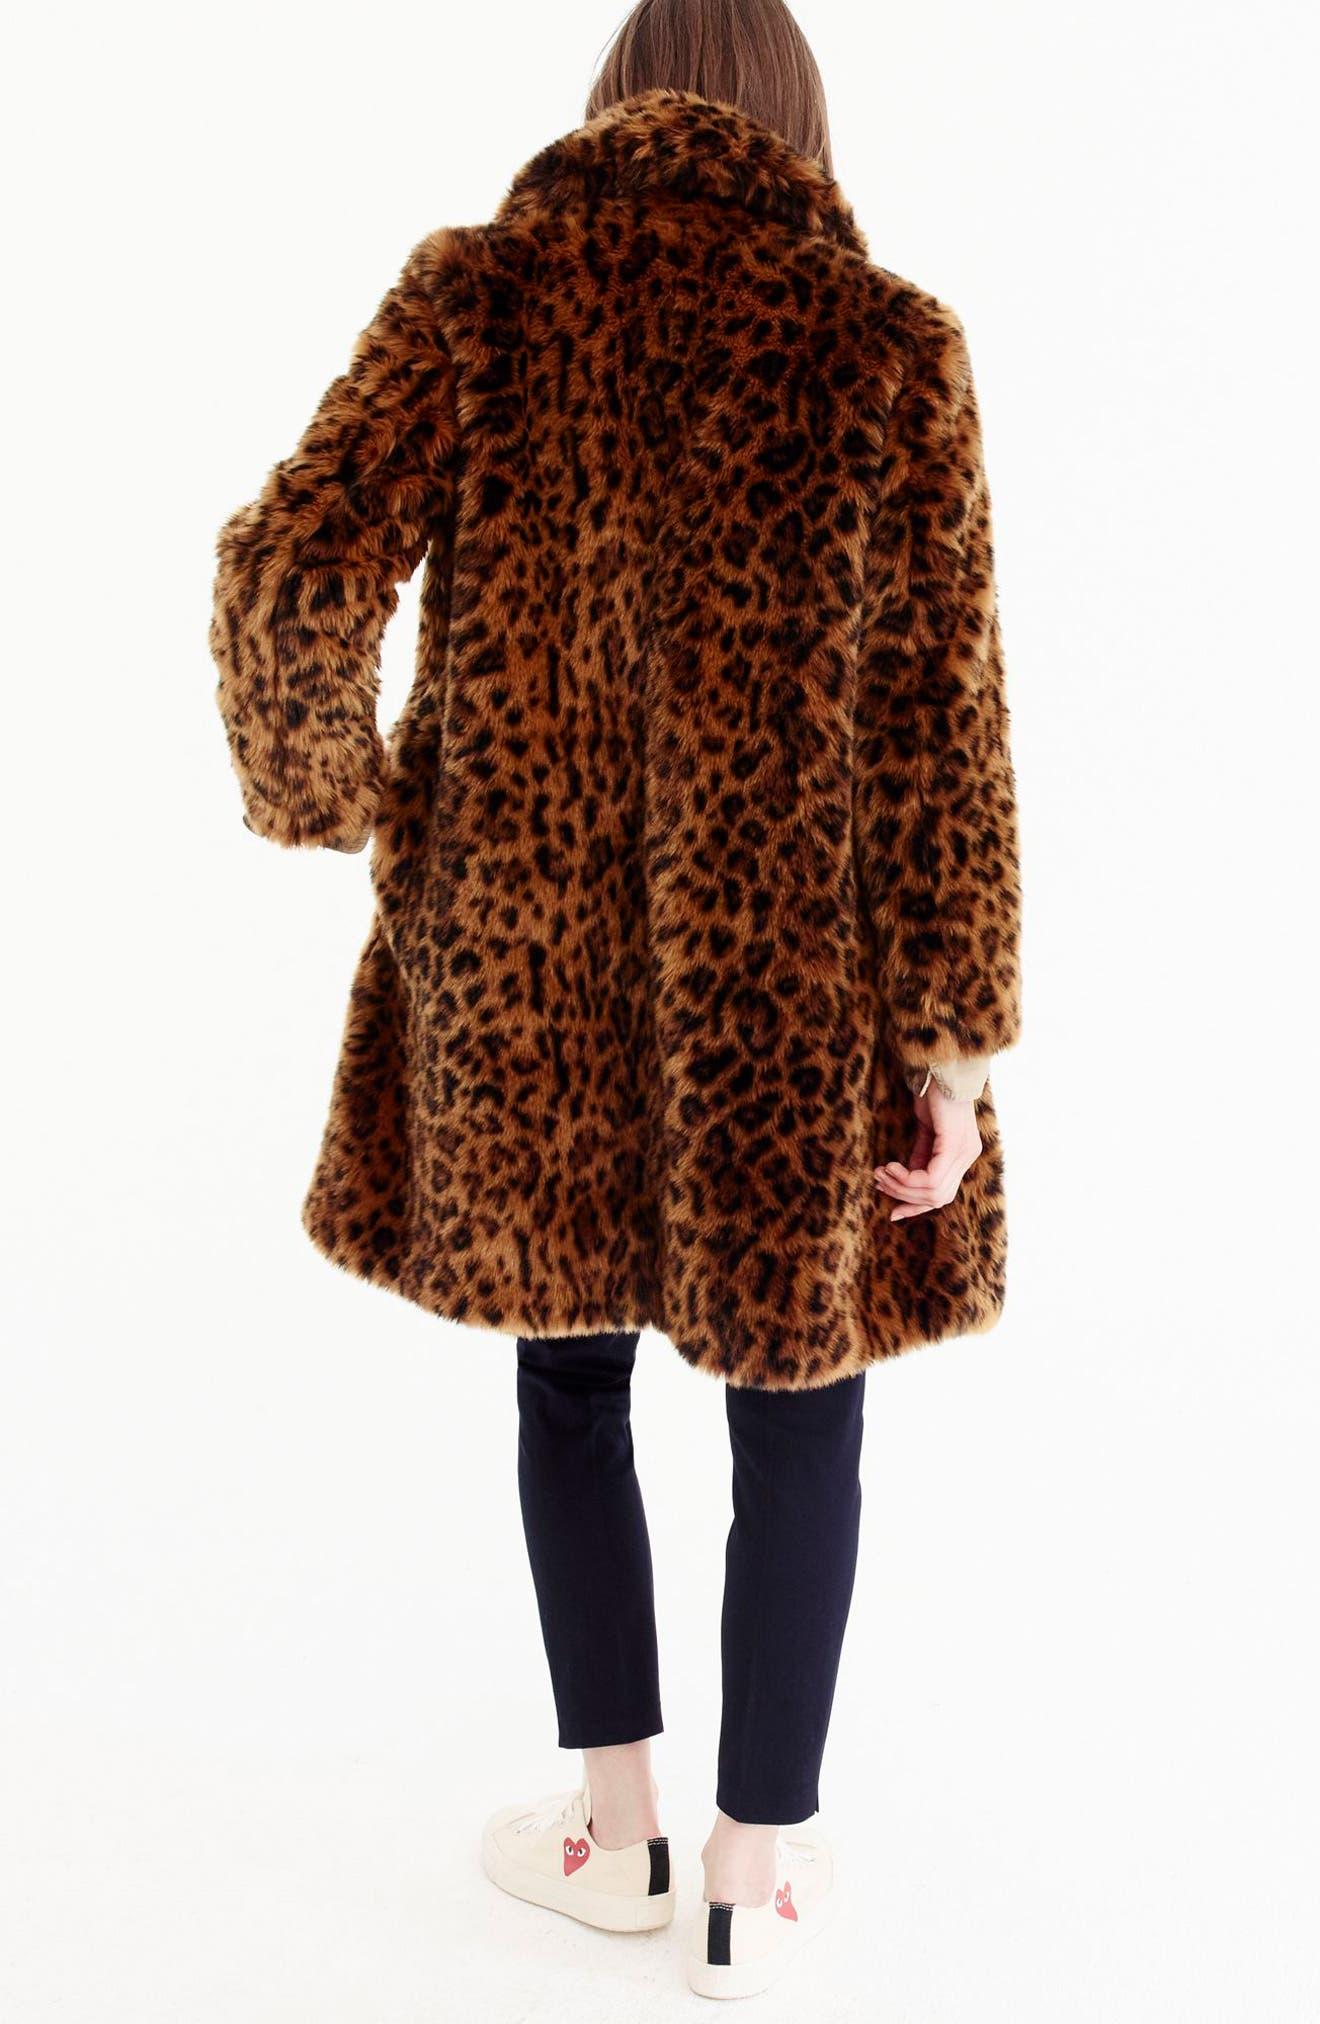 Leopard Print Faux Fur Coat,                             Alternate thumbnail 8, color,                             LEOPARD